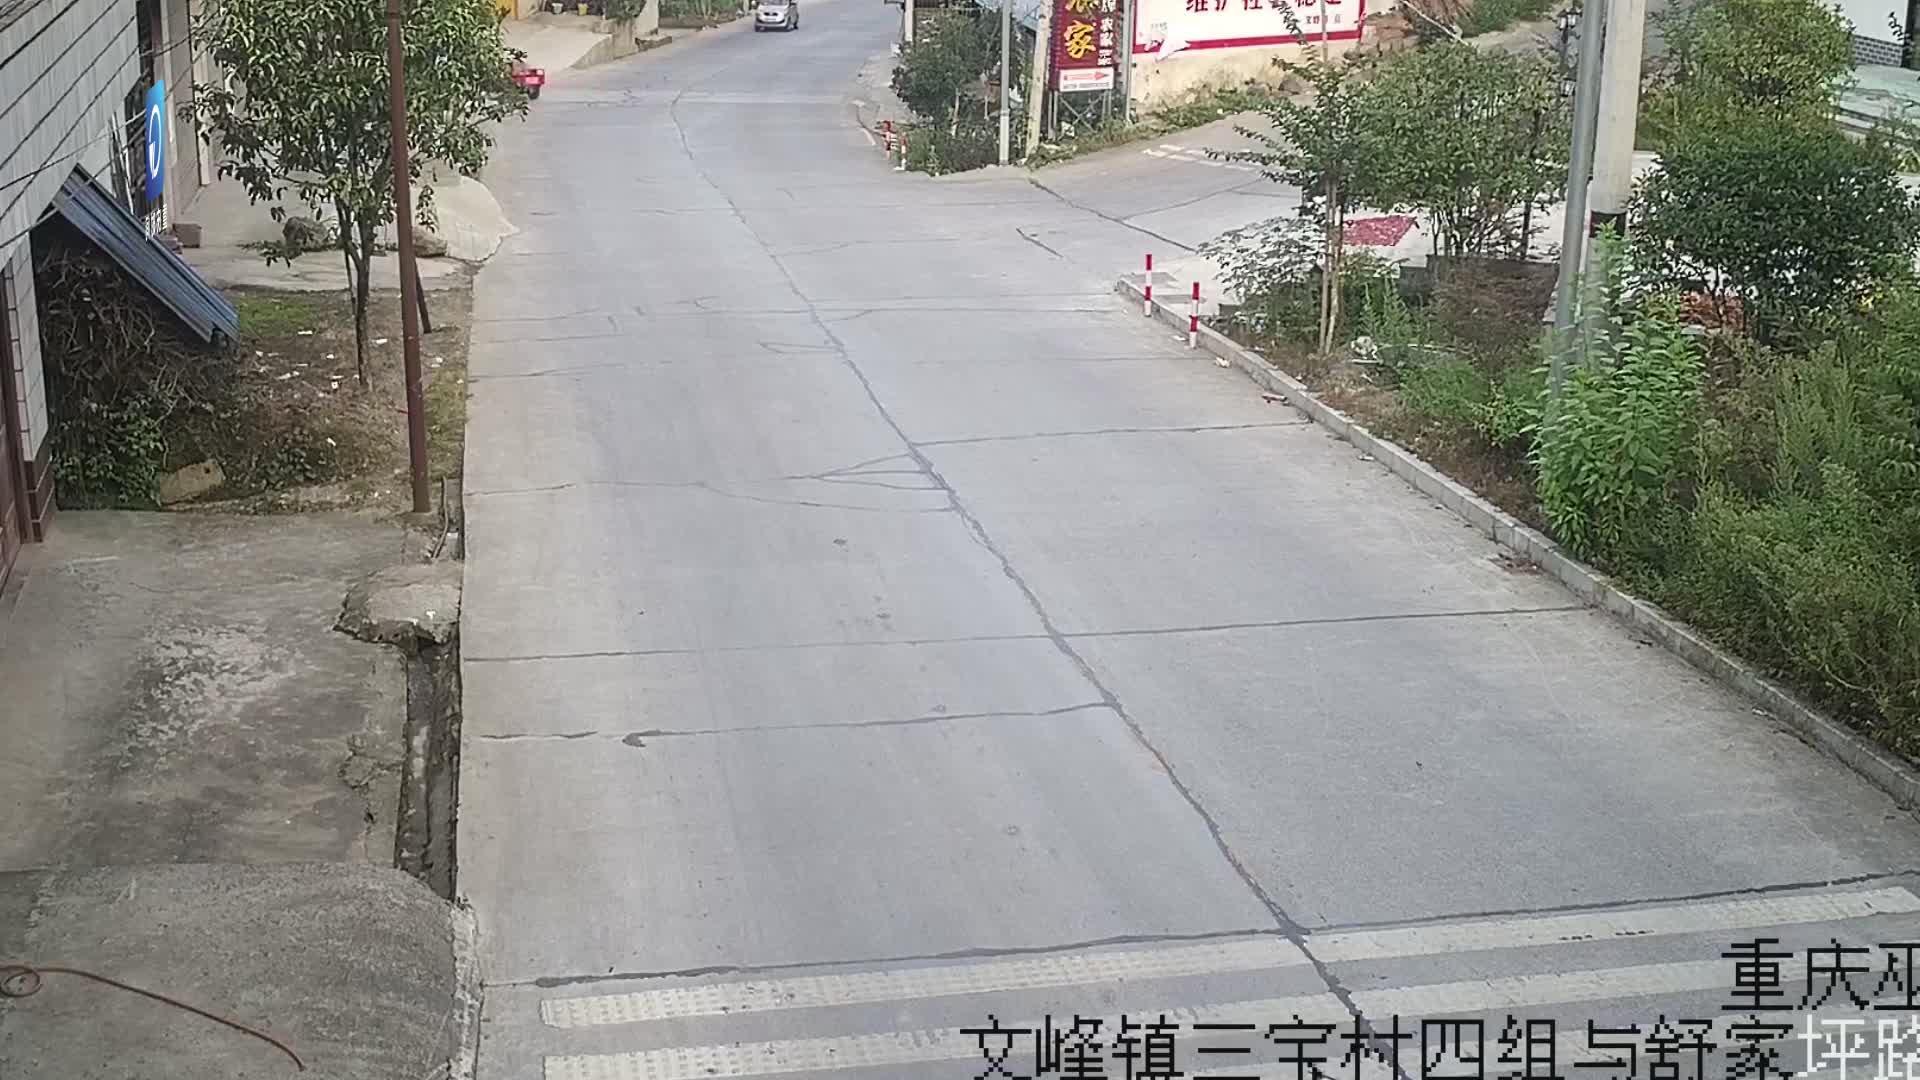 路口超车酿事故 电动车遭电动四轮车撞倒在地